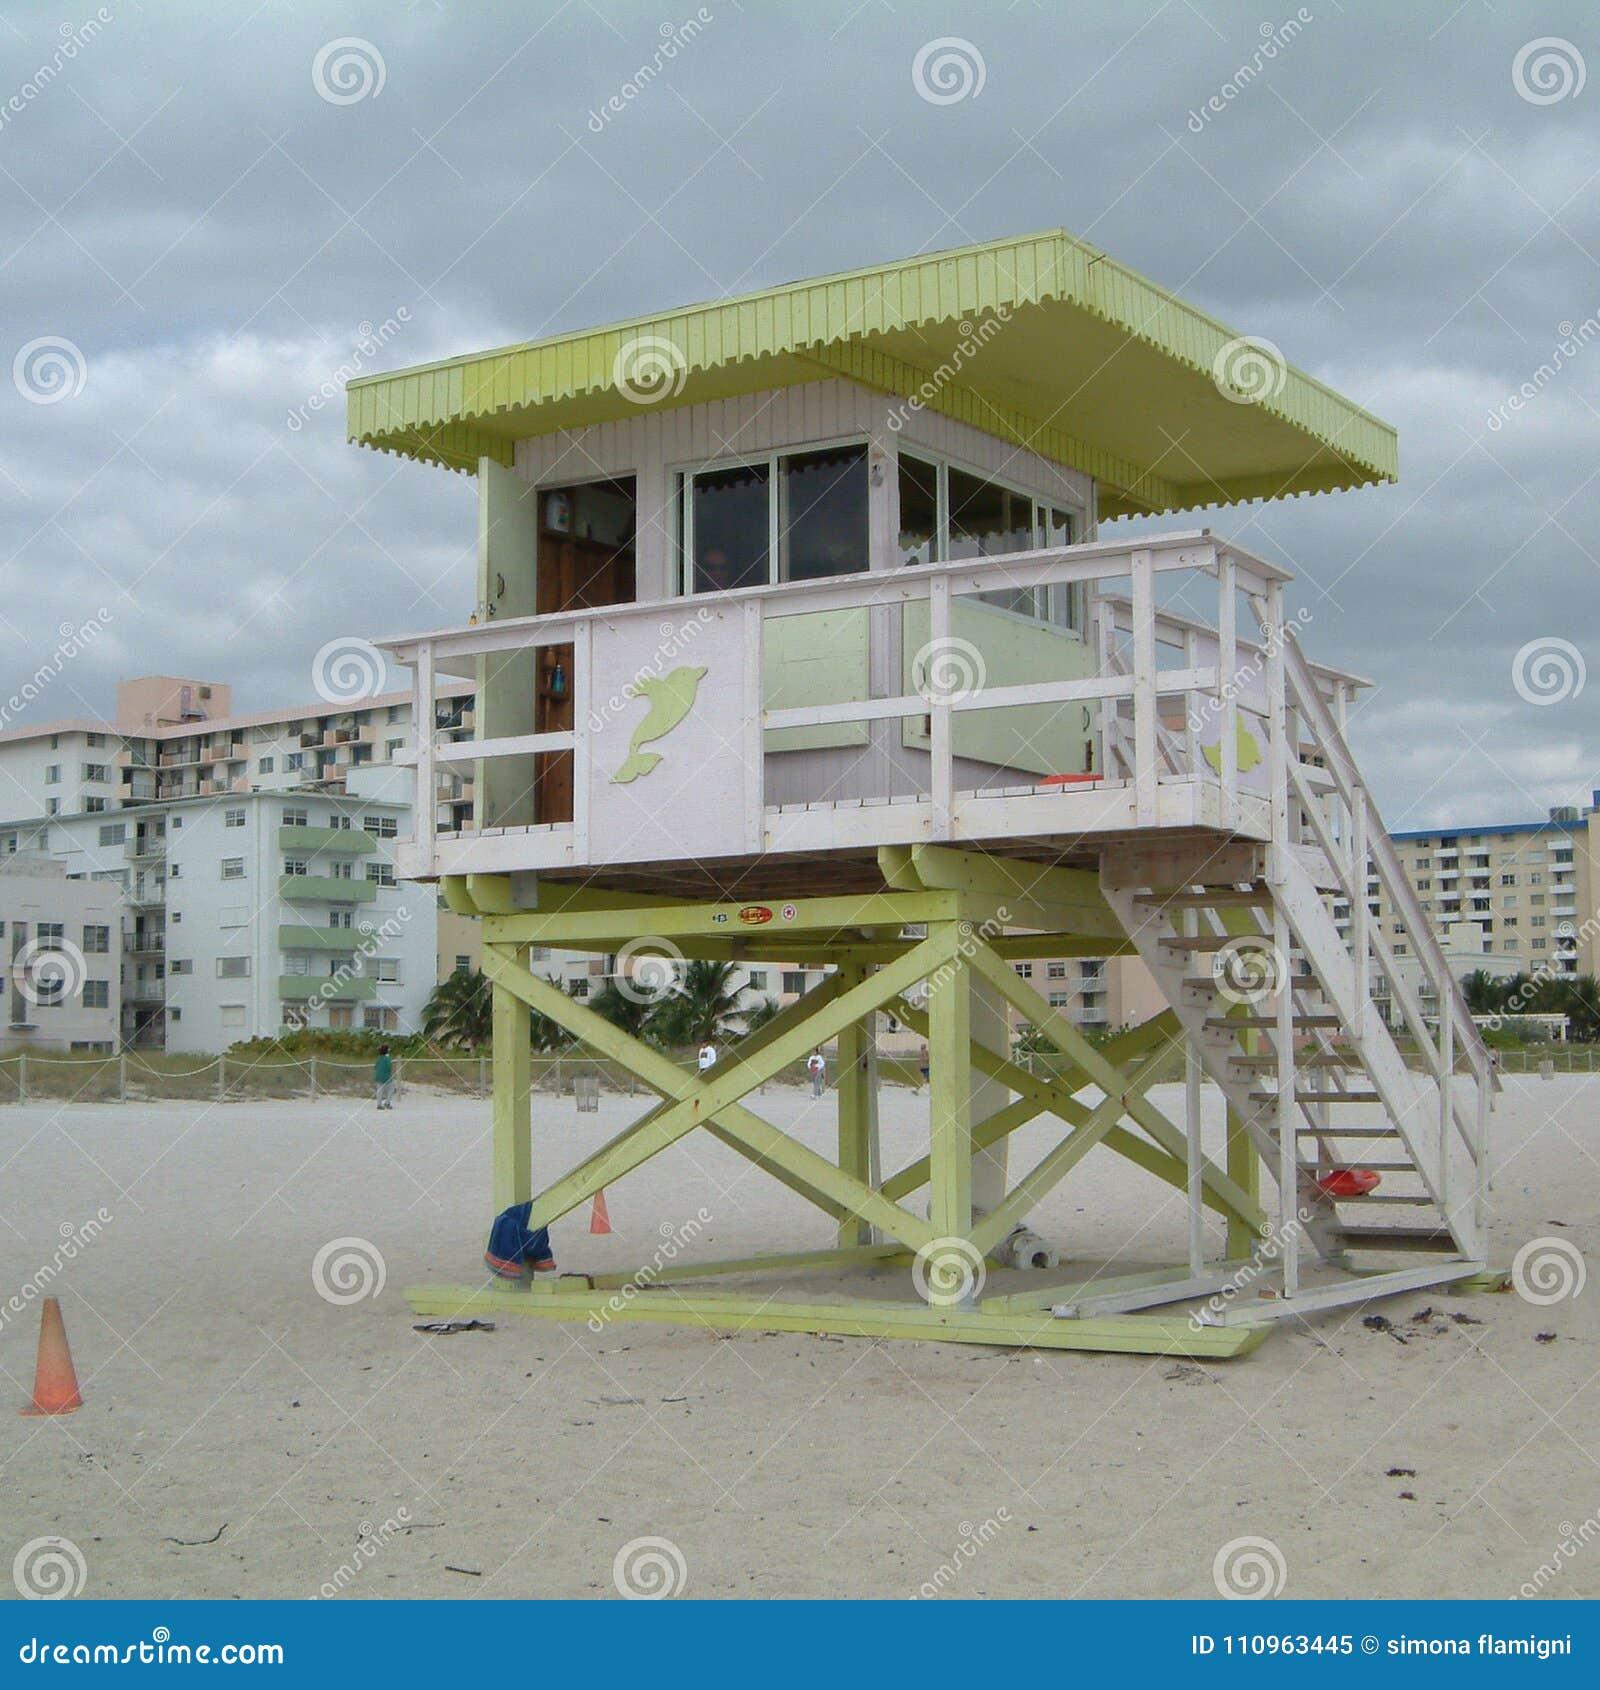 Badmeester in het strand van Miami